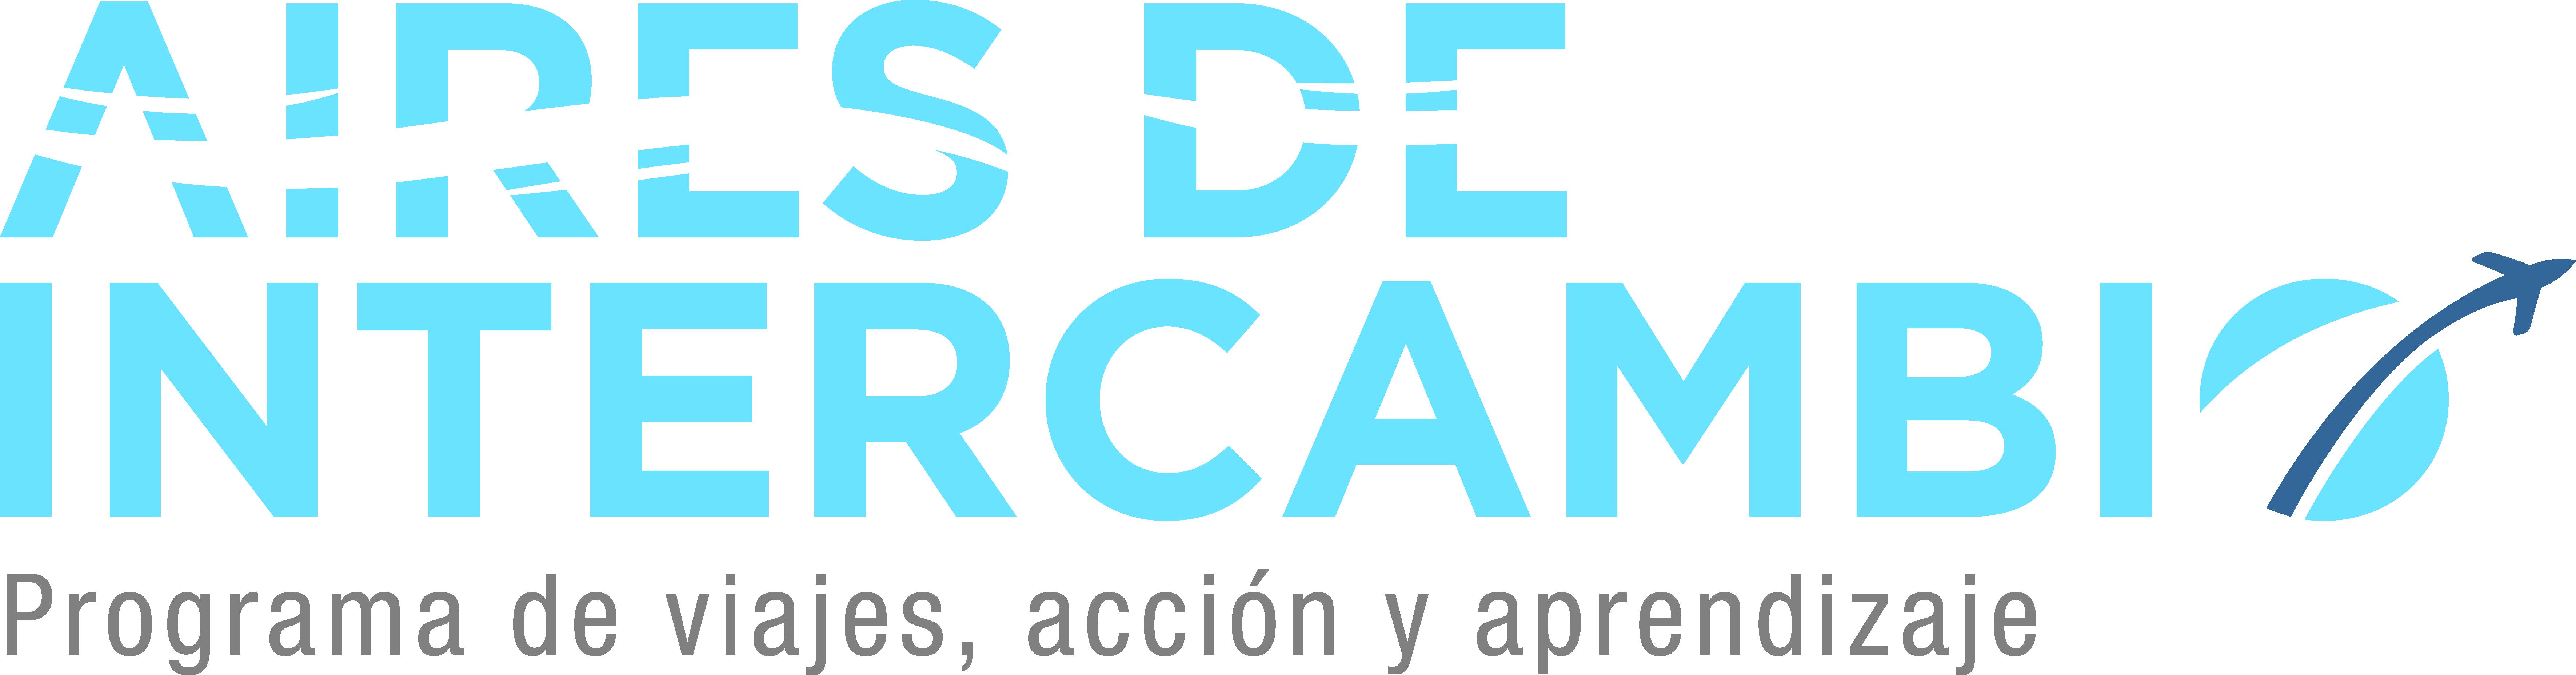 Aires de Intercambio - PNG Transparente-01